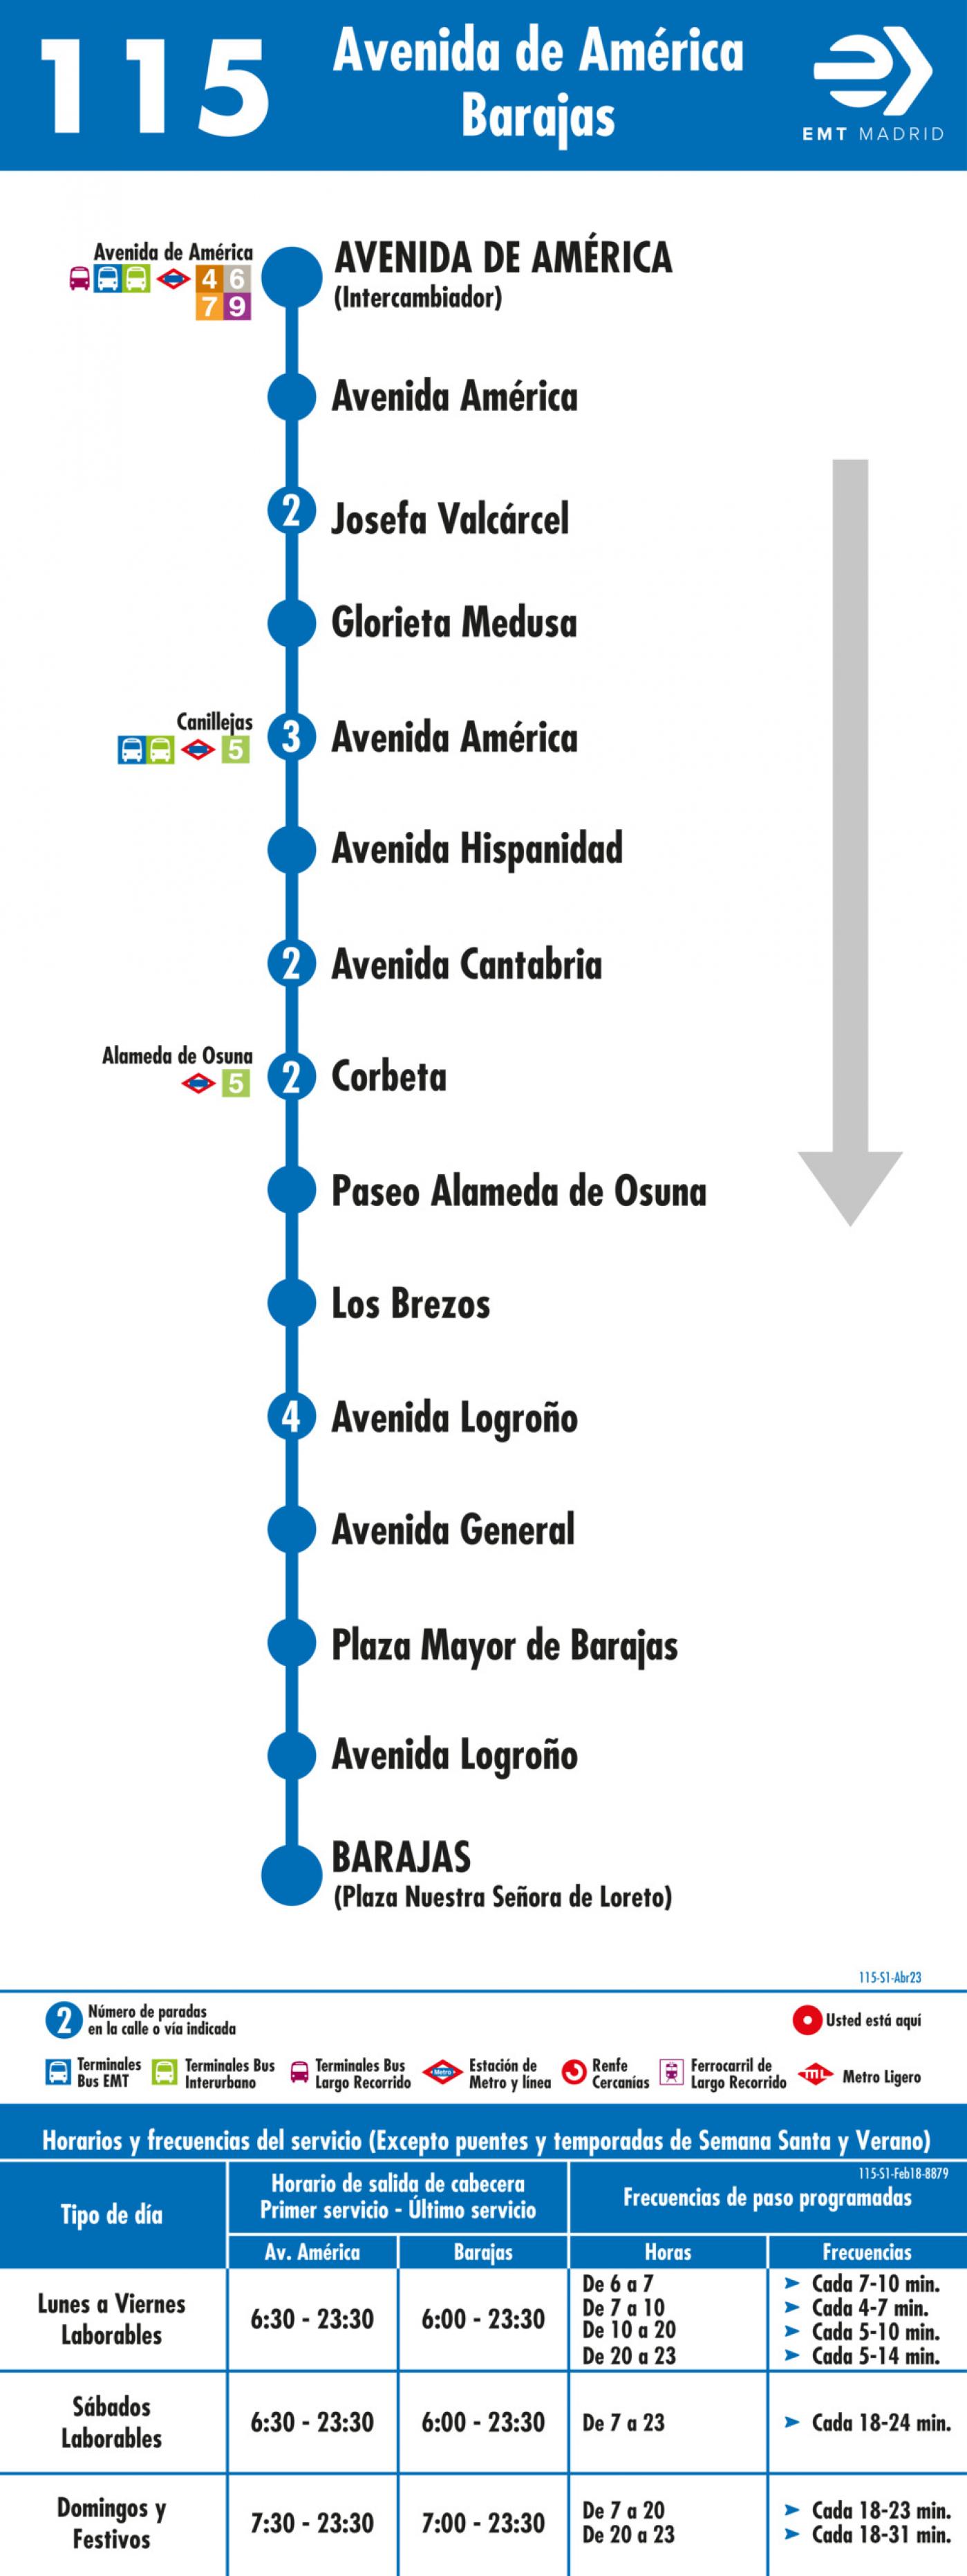 Tabla de horarios y frecuencias de paso en sentido ida Línea 115: Avenida de América - Barajas